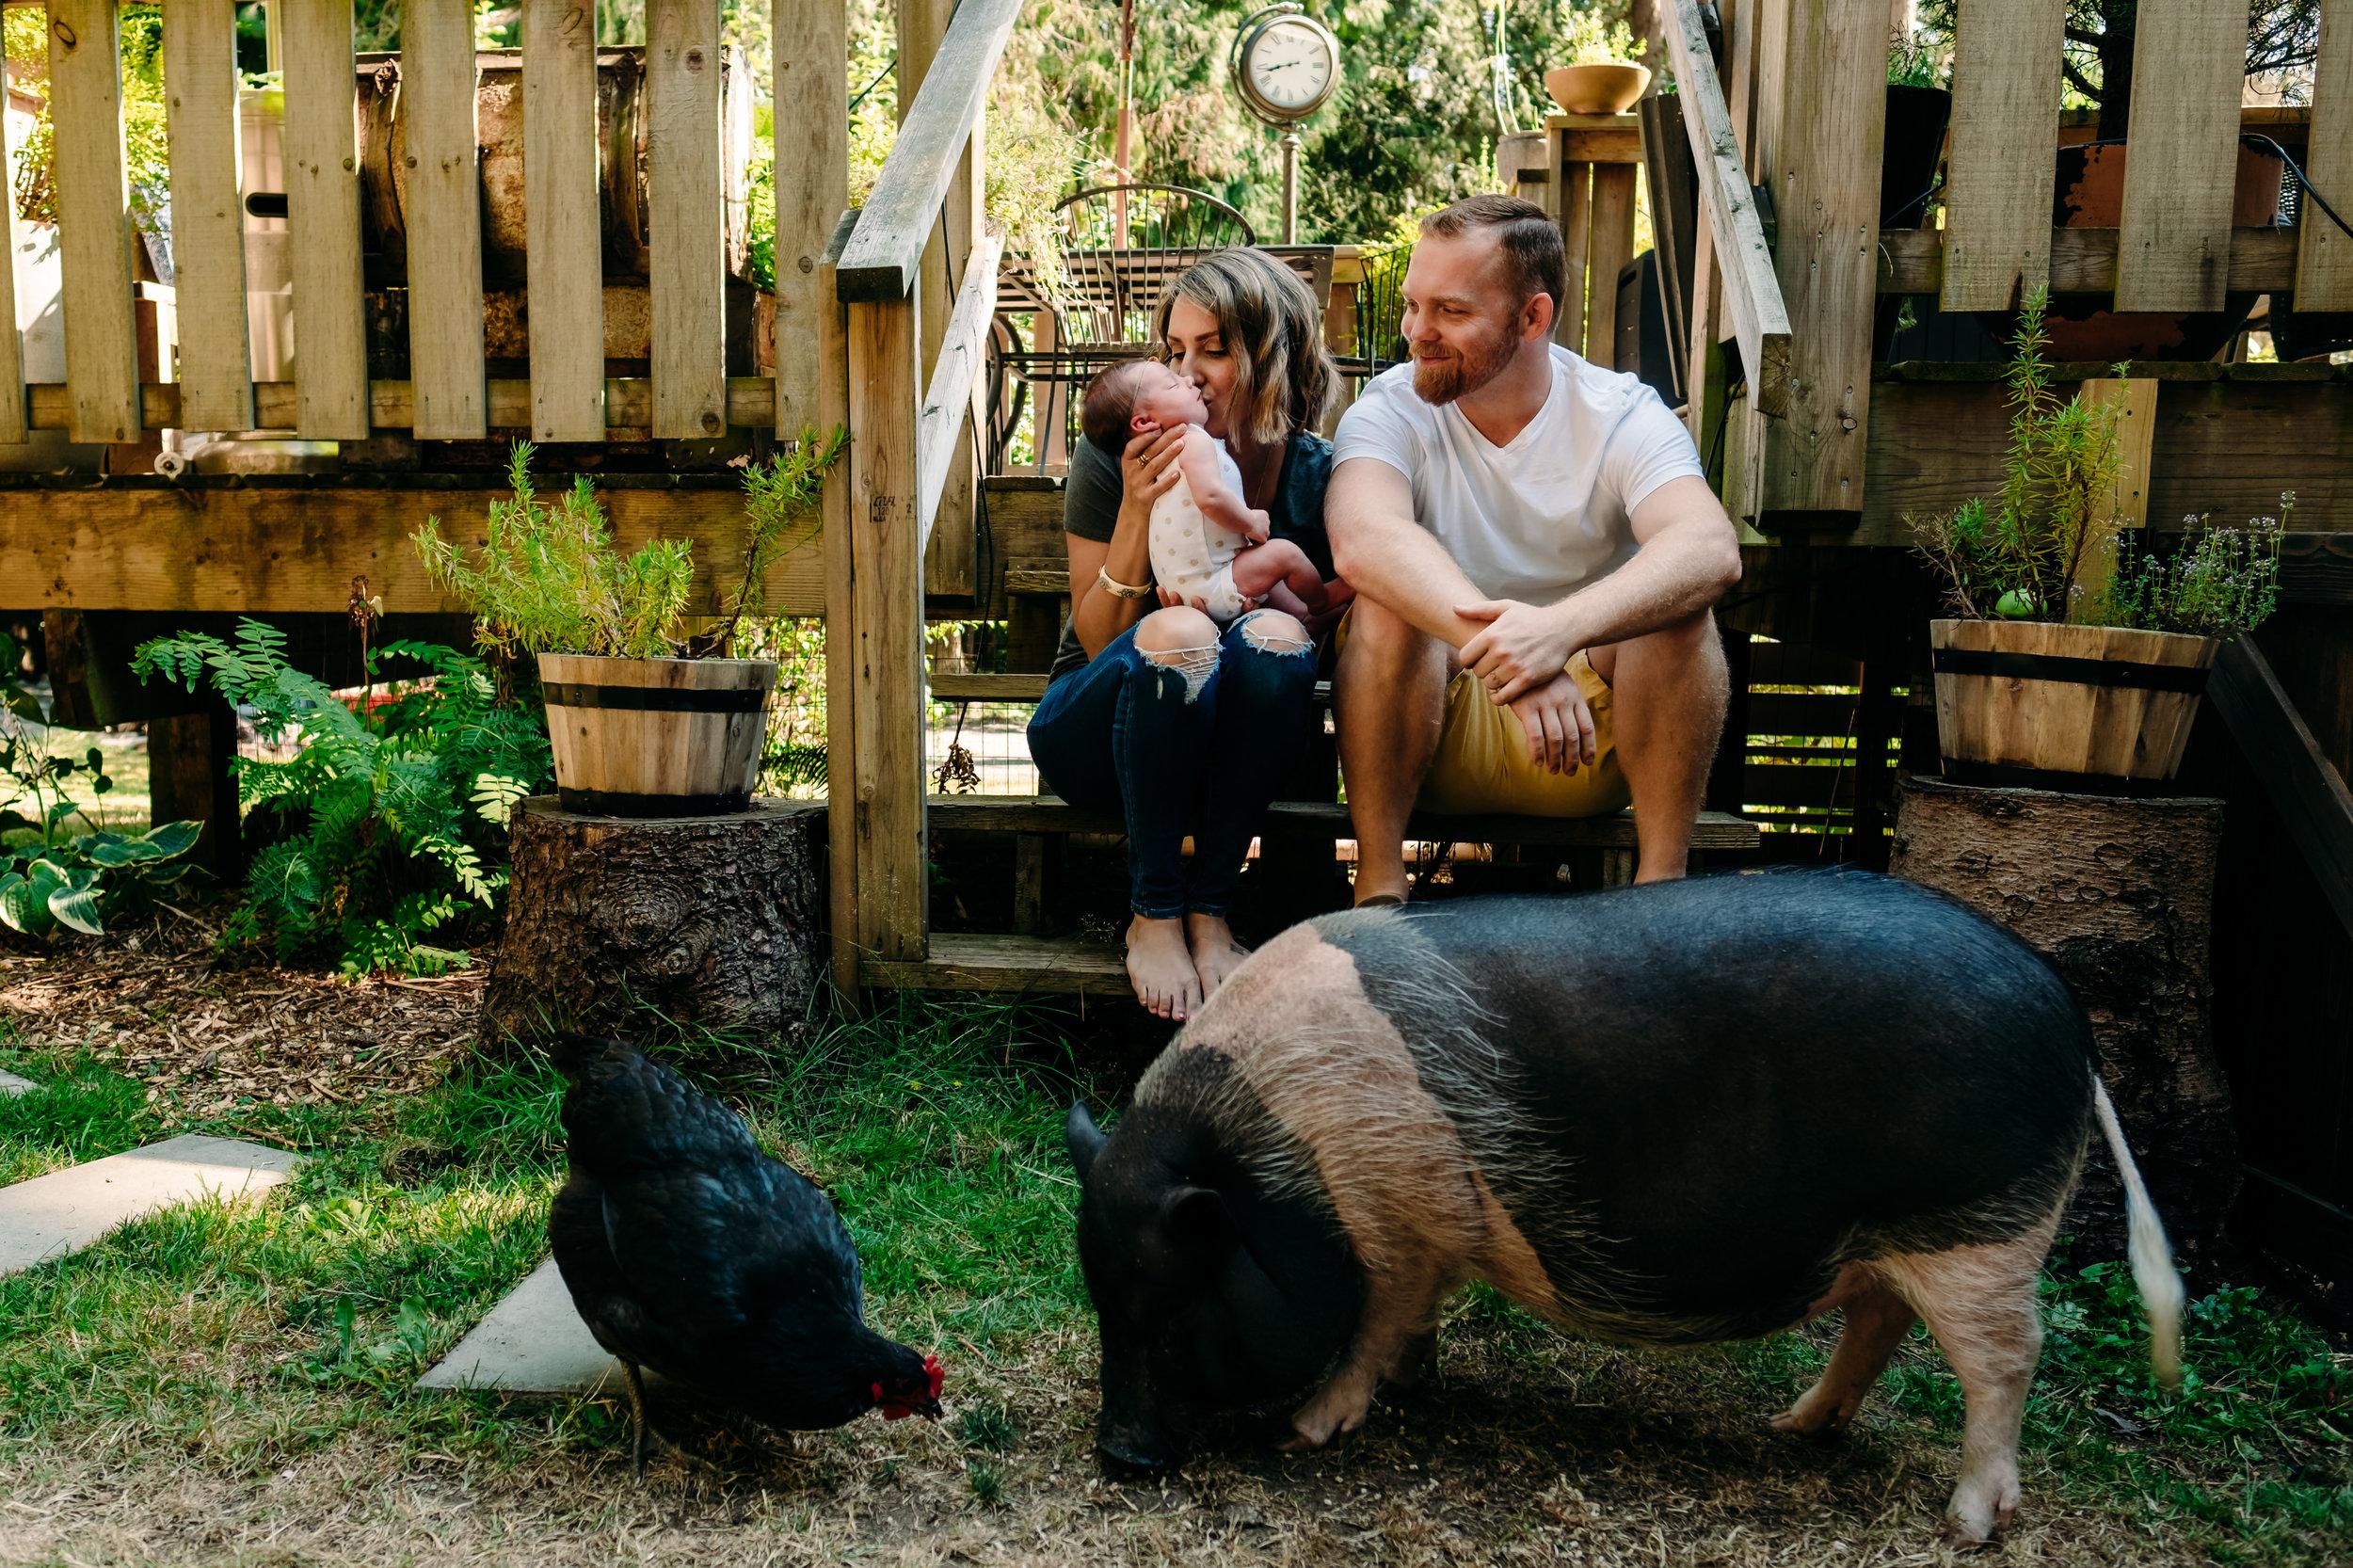 family-newborn-adoption-pig-chicken-porch.jpg